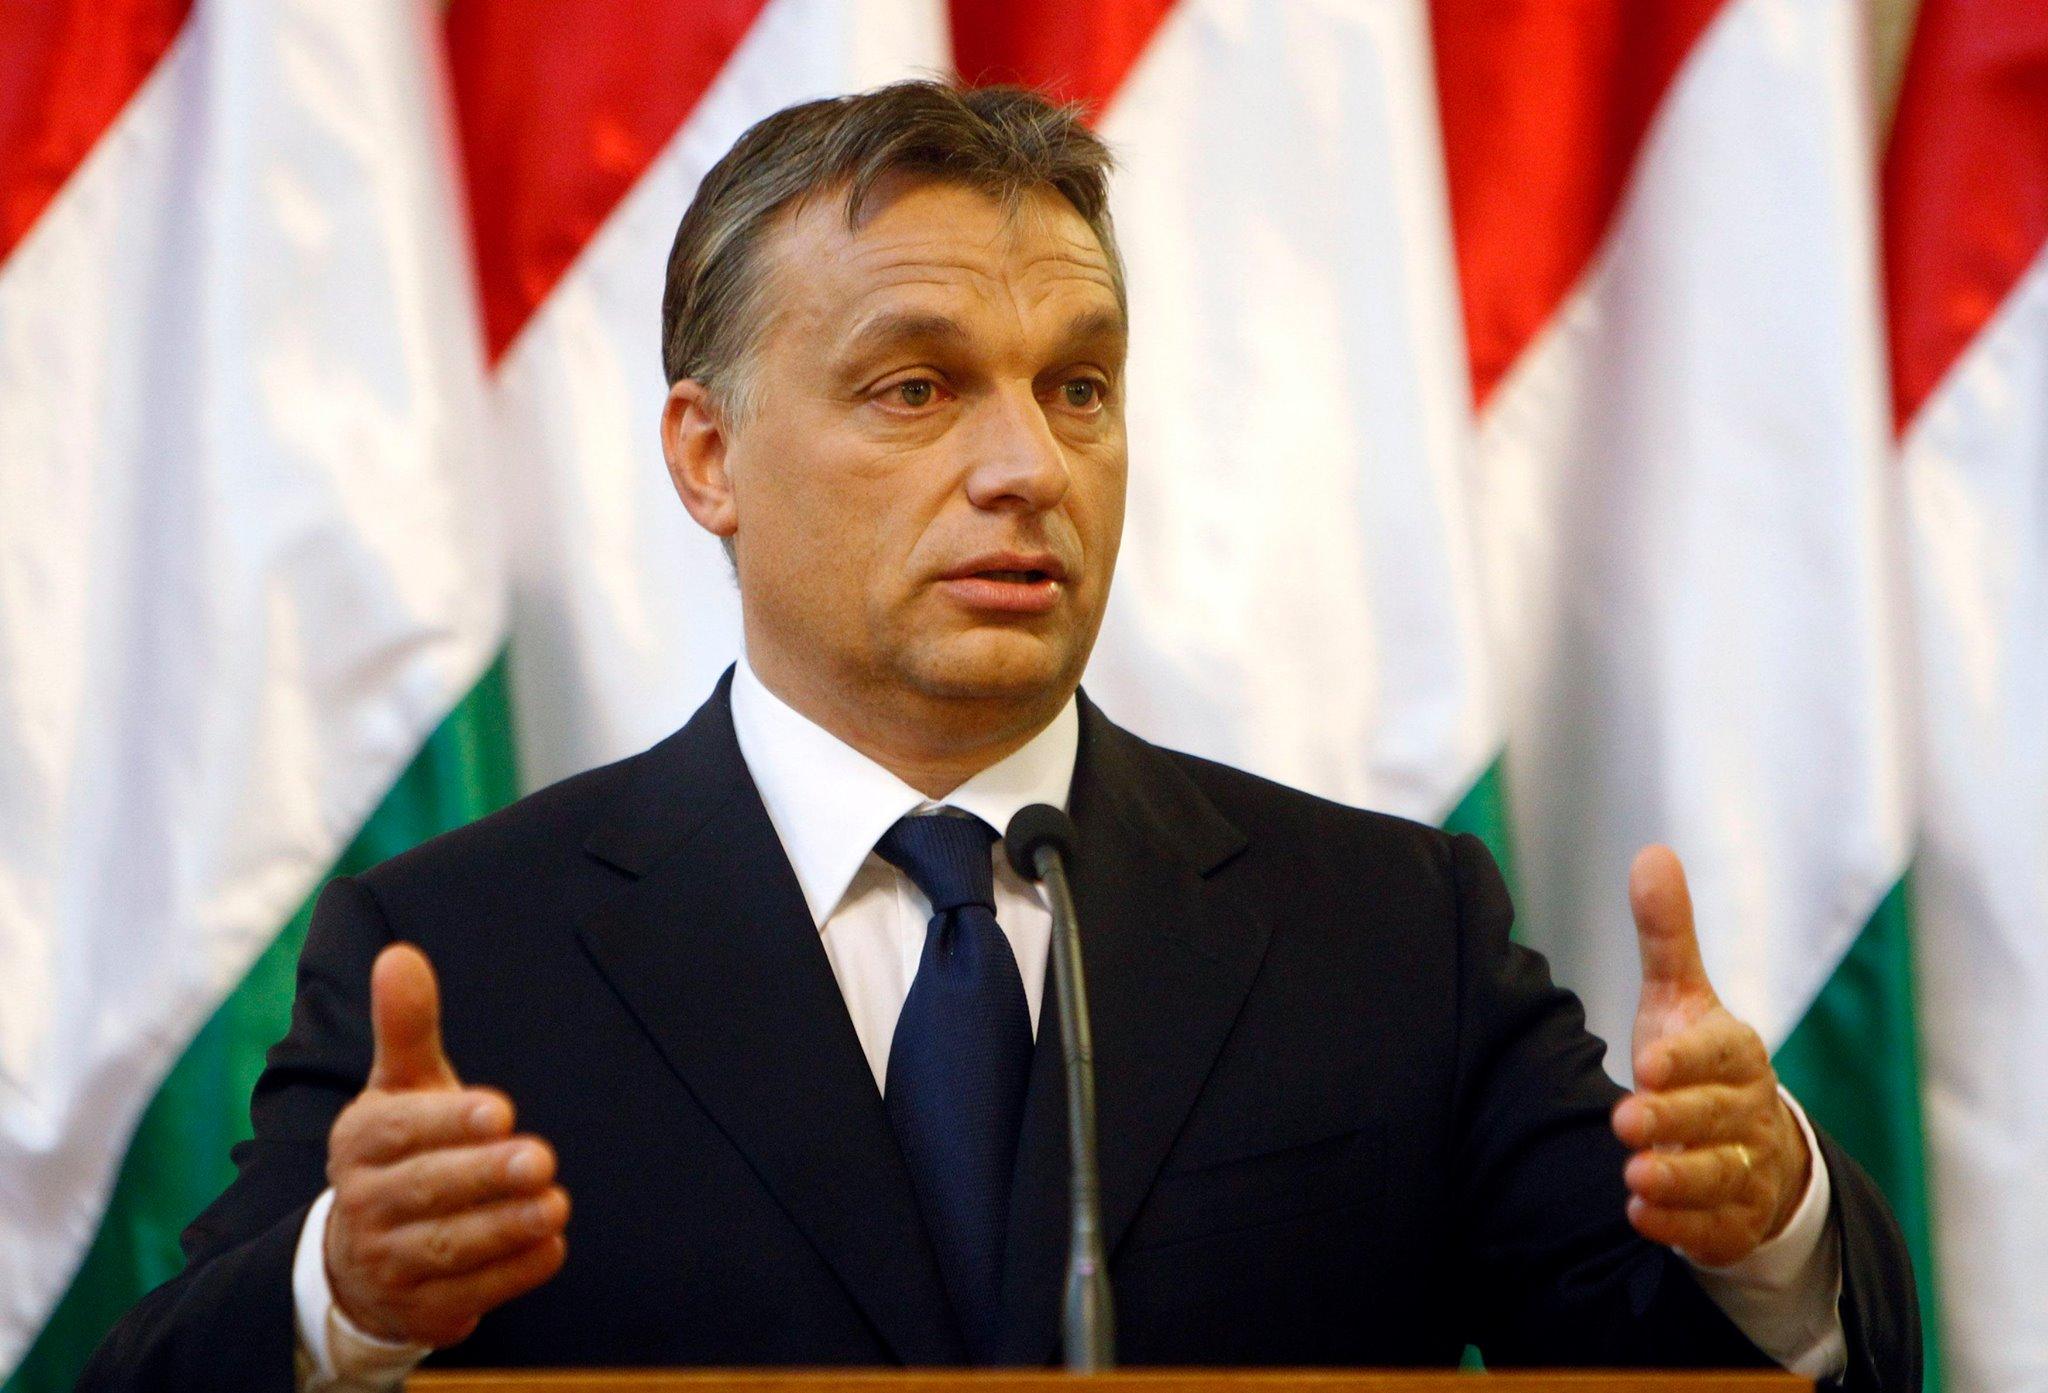 Orbán Viktor az Európai Bizottságot hibáztatja a kontinenst sújtó válság miatt